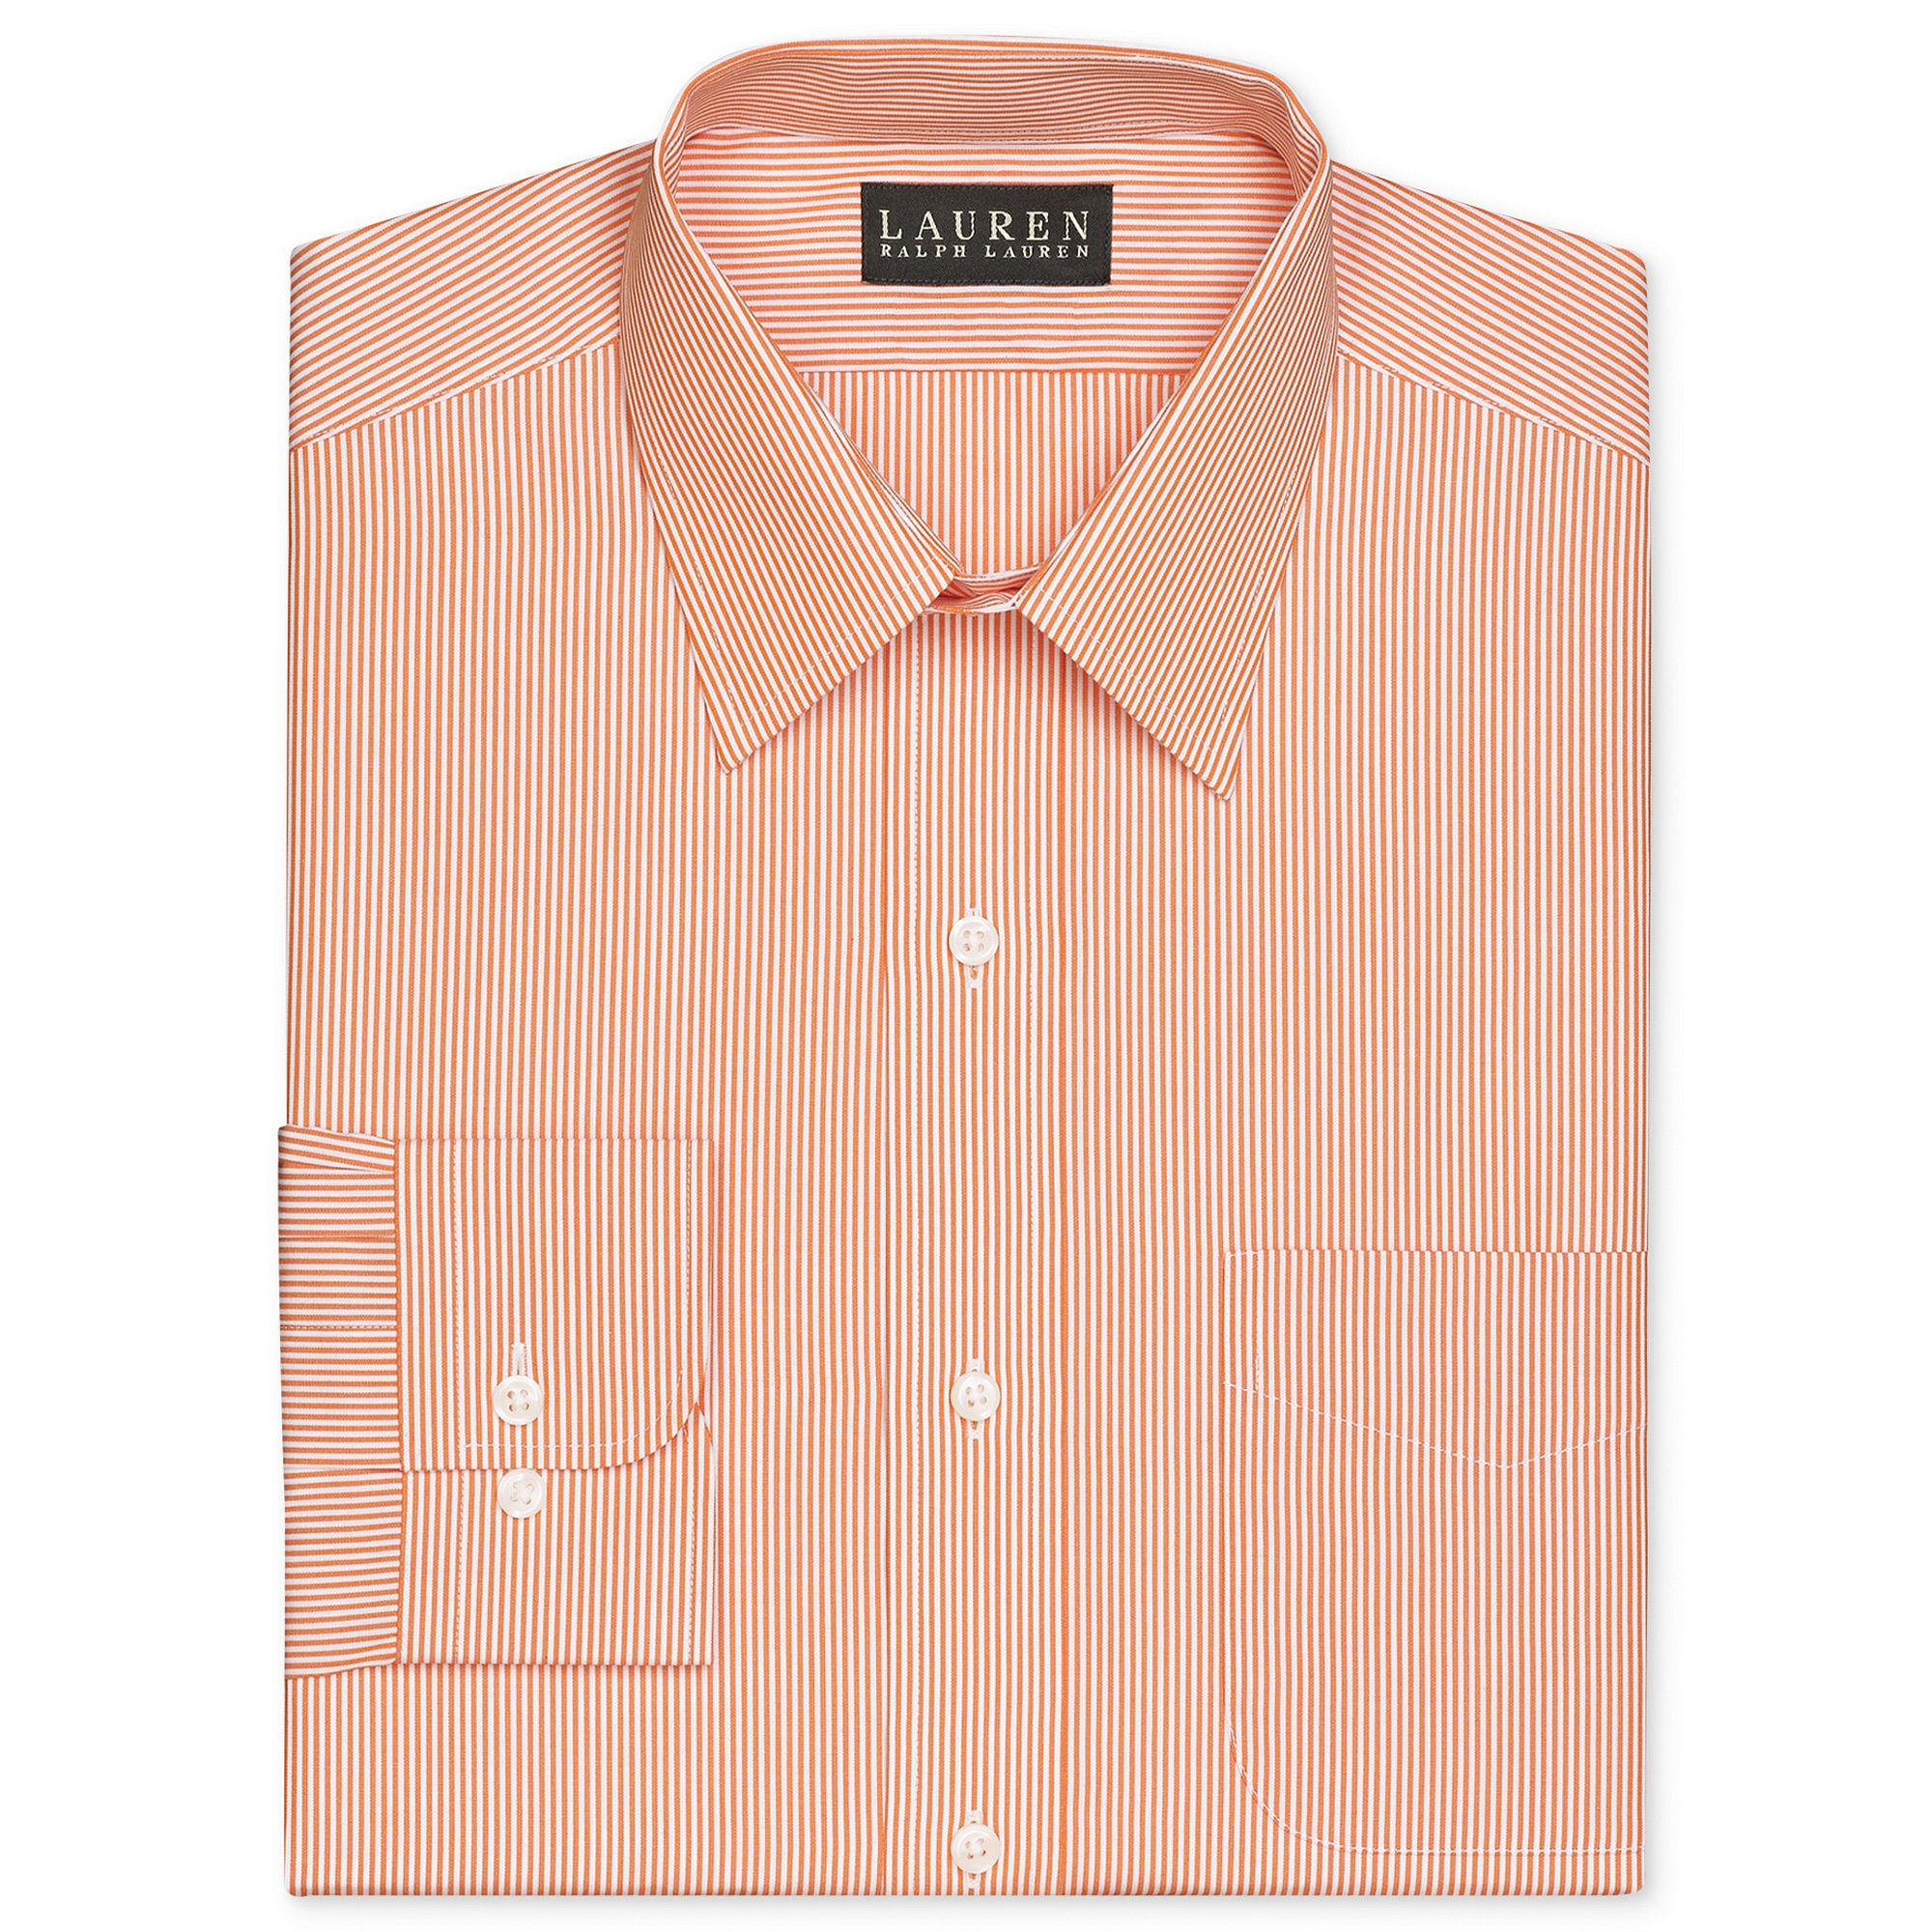 Ralph lauren white dress shirt for men